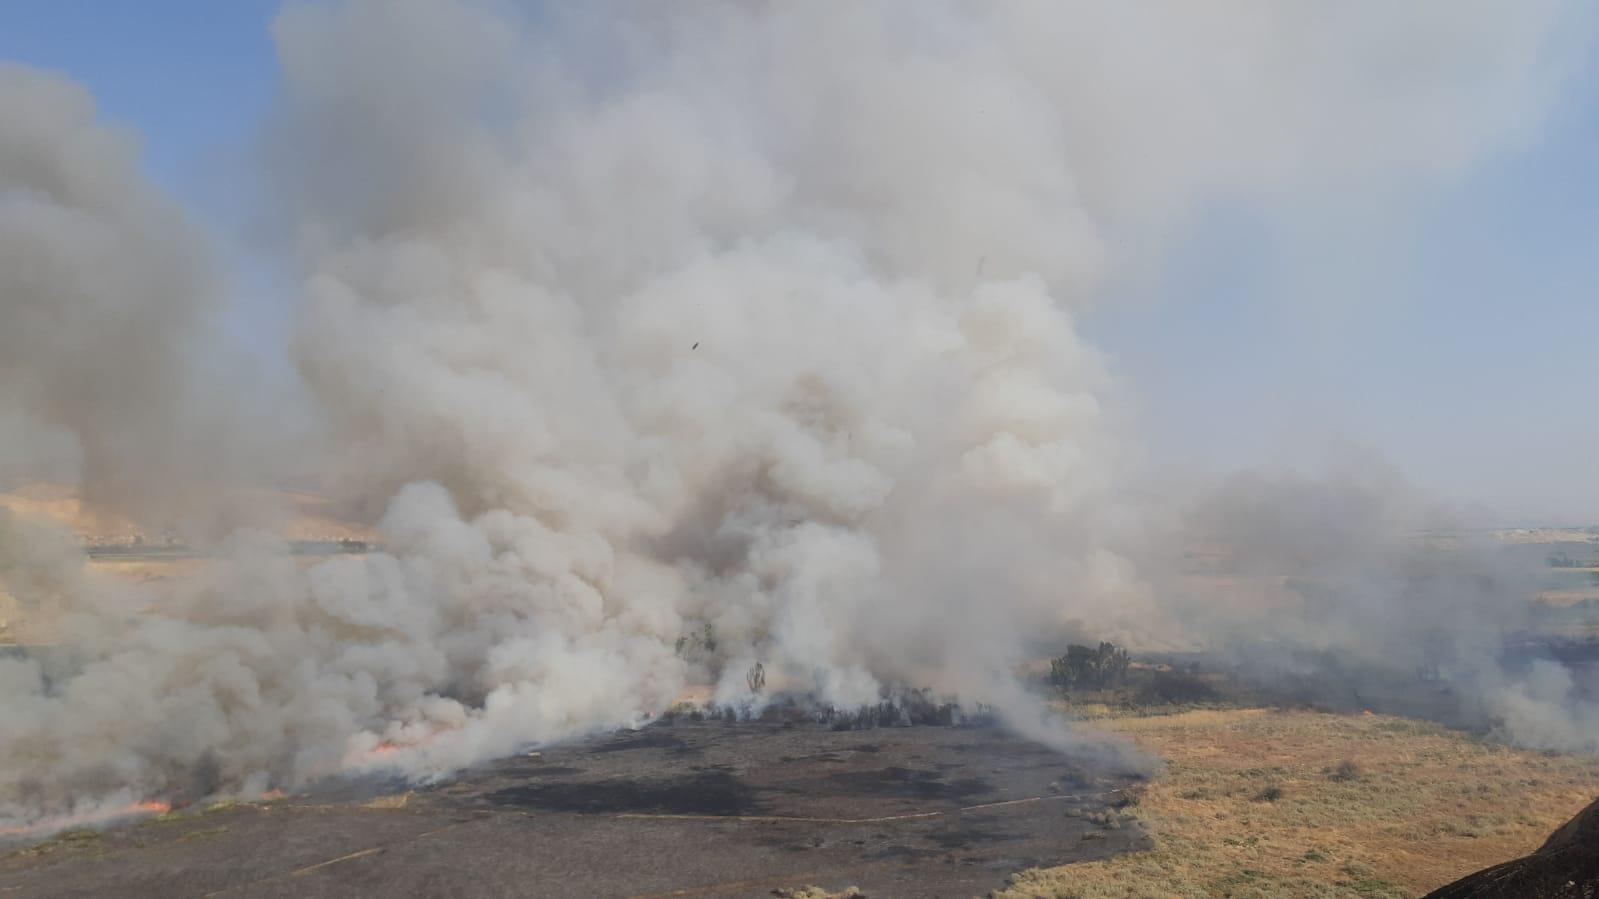 """טרור הצתות: בתום חקירת השריפה באתר העתיקות """"סוסיא"""" נקבע כי מדובר בהצתה מכוונת"""